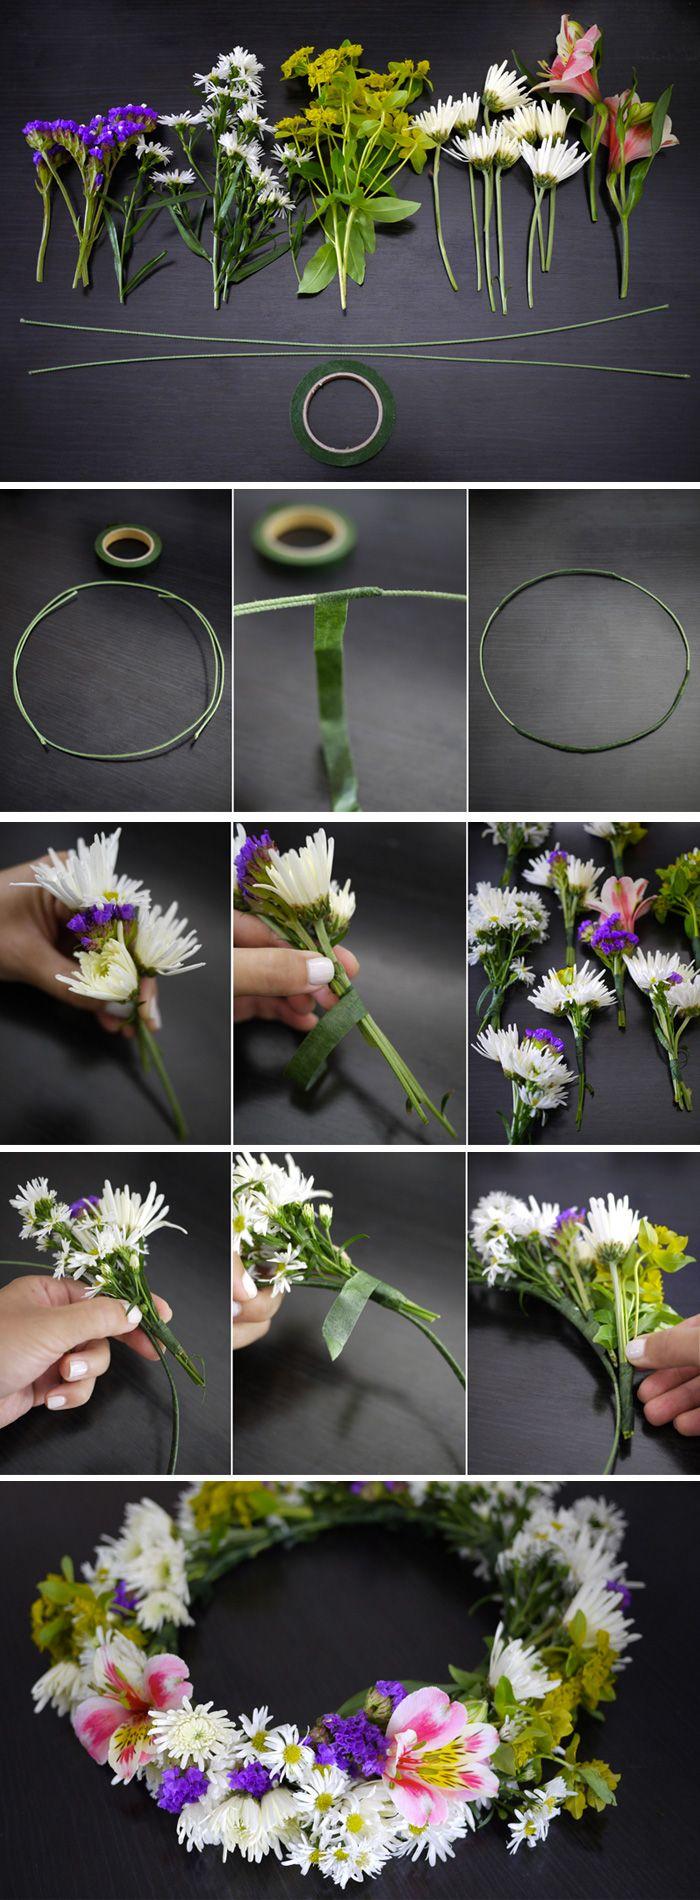 diy-bind-egen-blomkrans-tejp